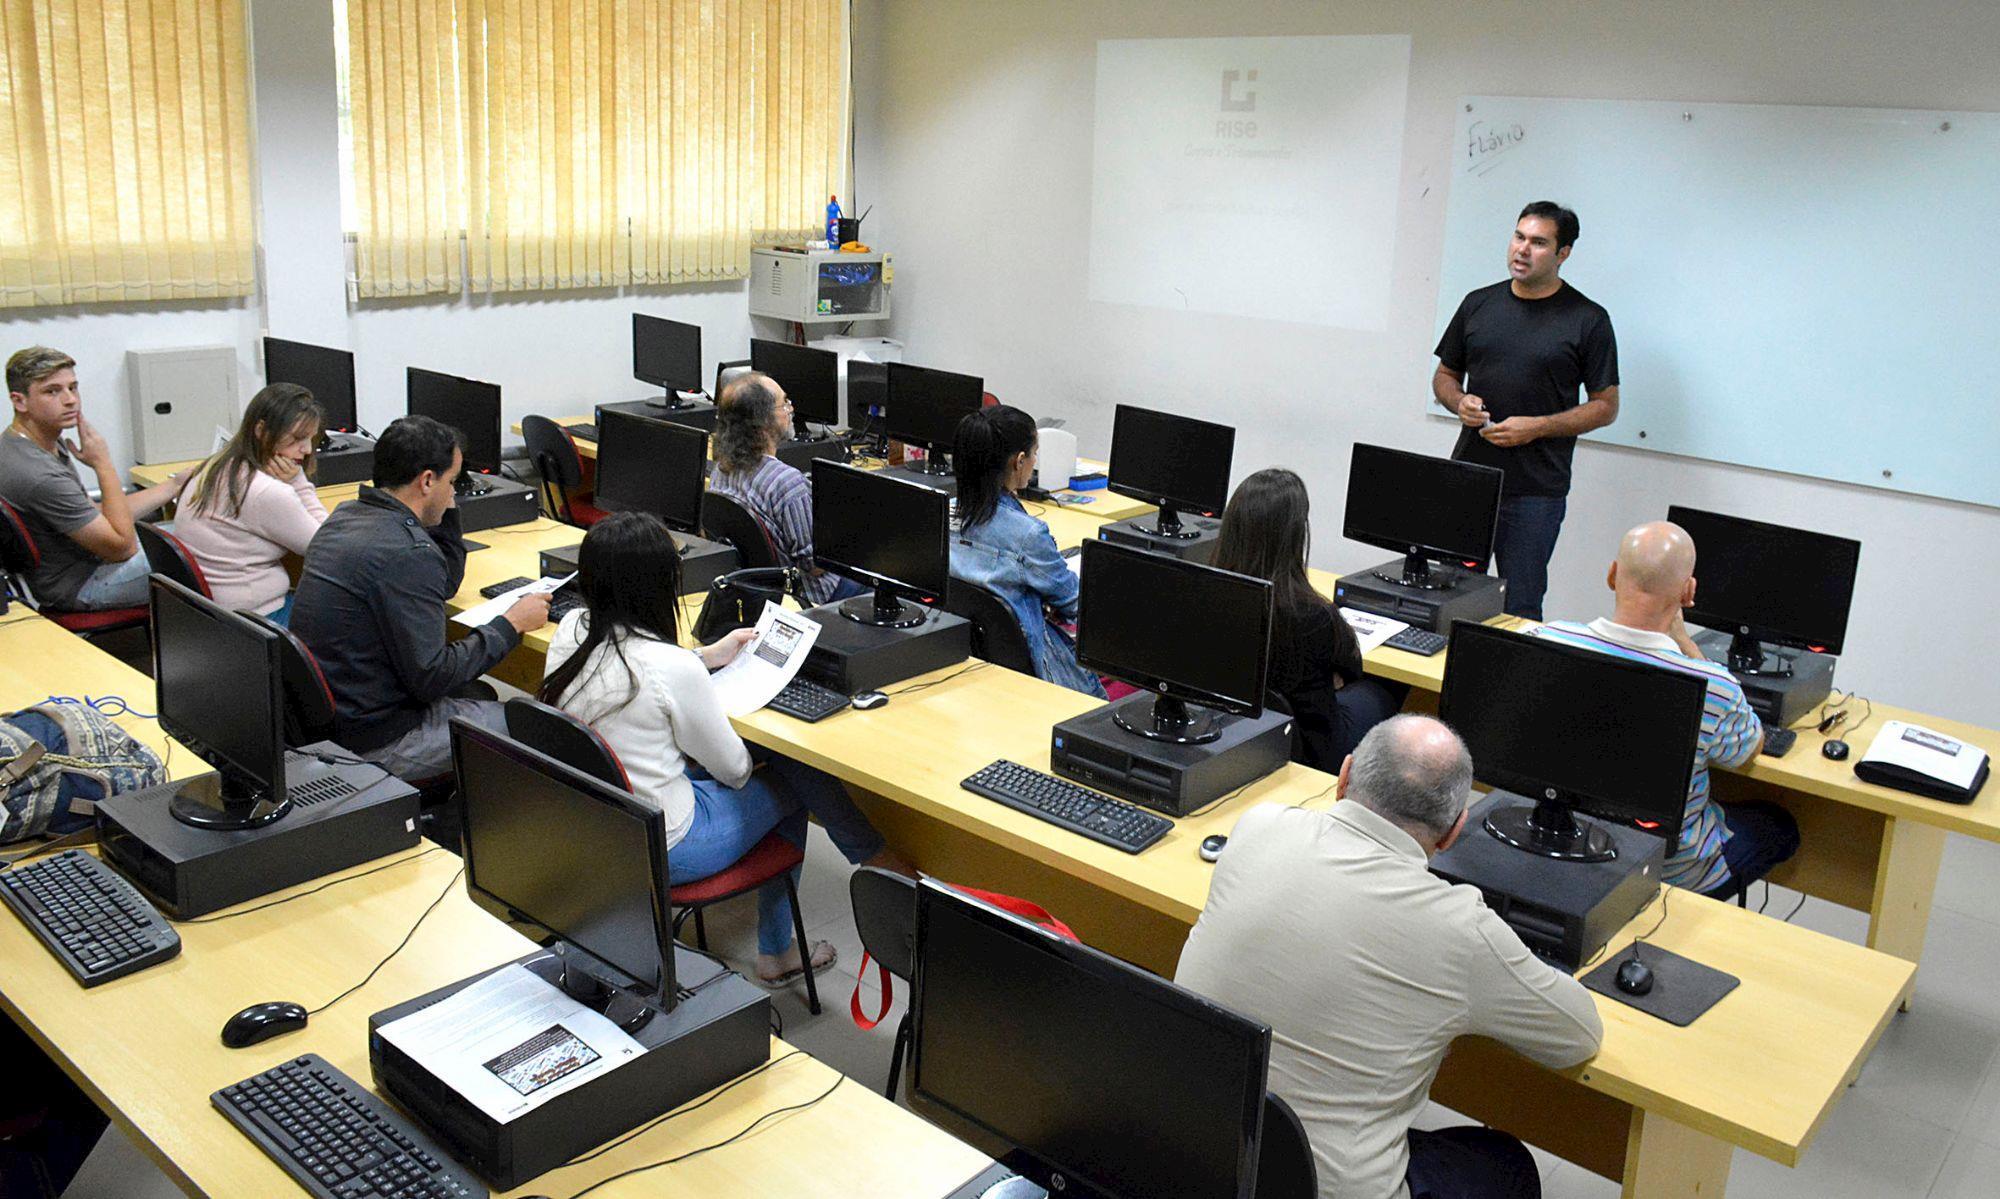 curso, rise, gratuito, qualificação,, Arquivo/Foguinho Imprensa SMetal